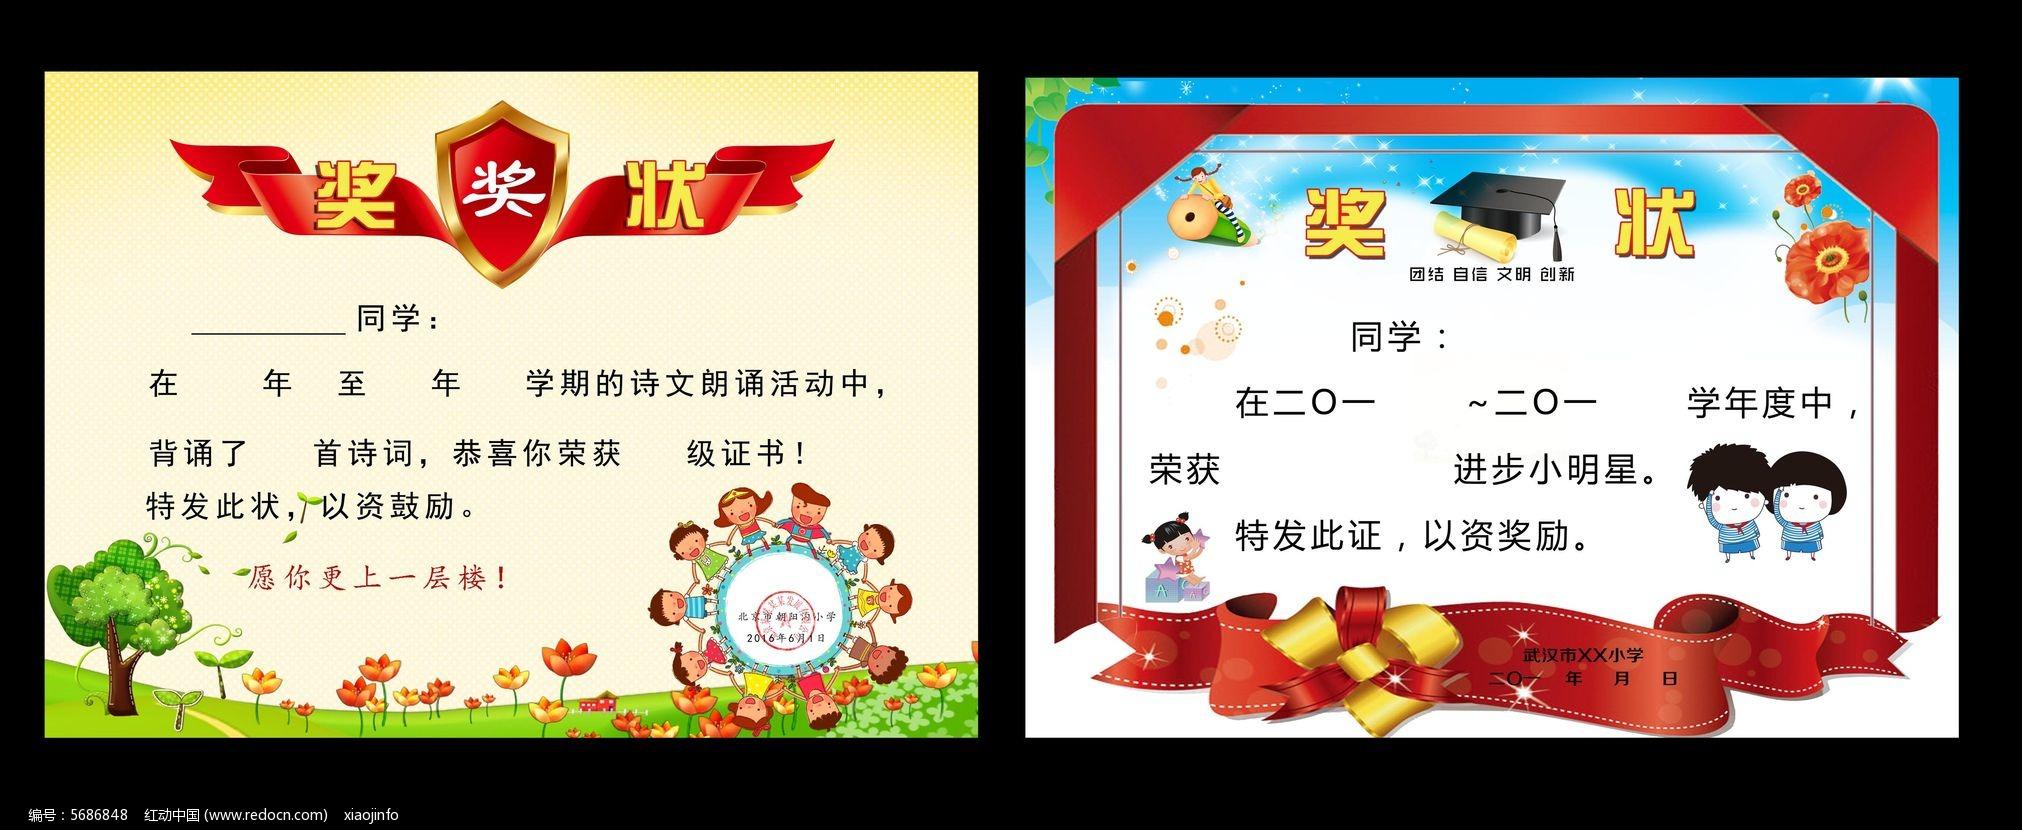 您当前访问作品主题是幼儿园小学年终奖状,编号是5686848,文件格式是图片